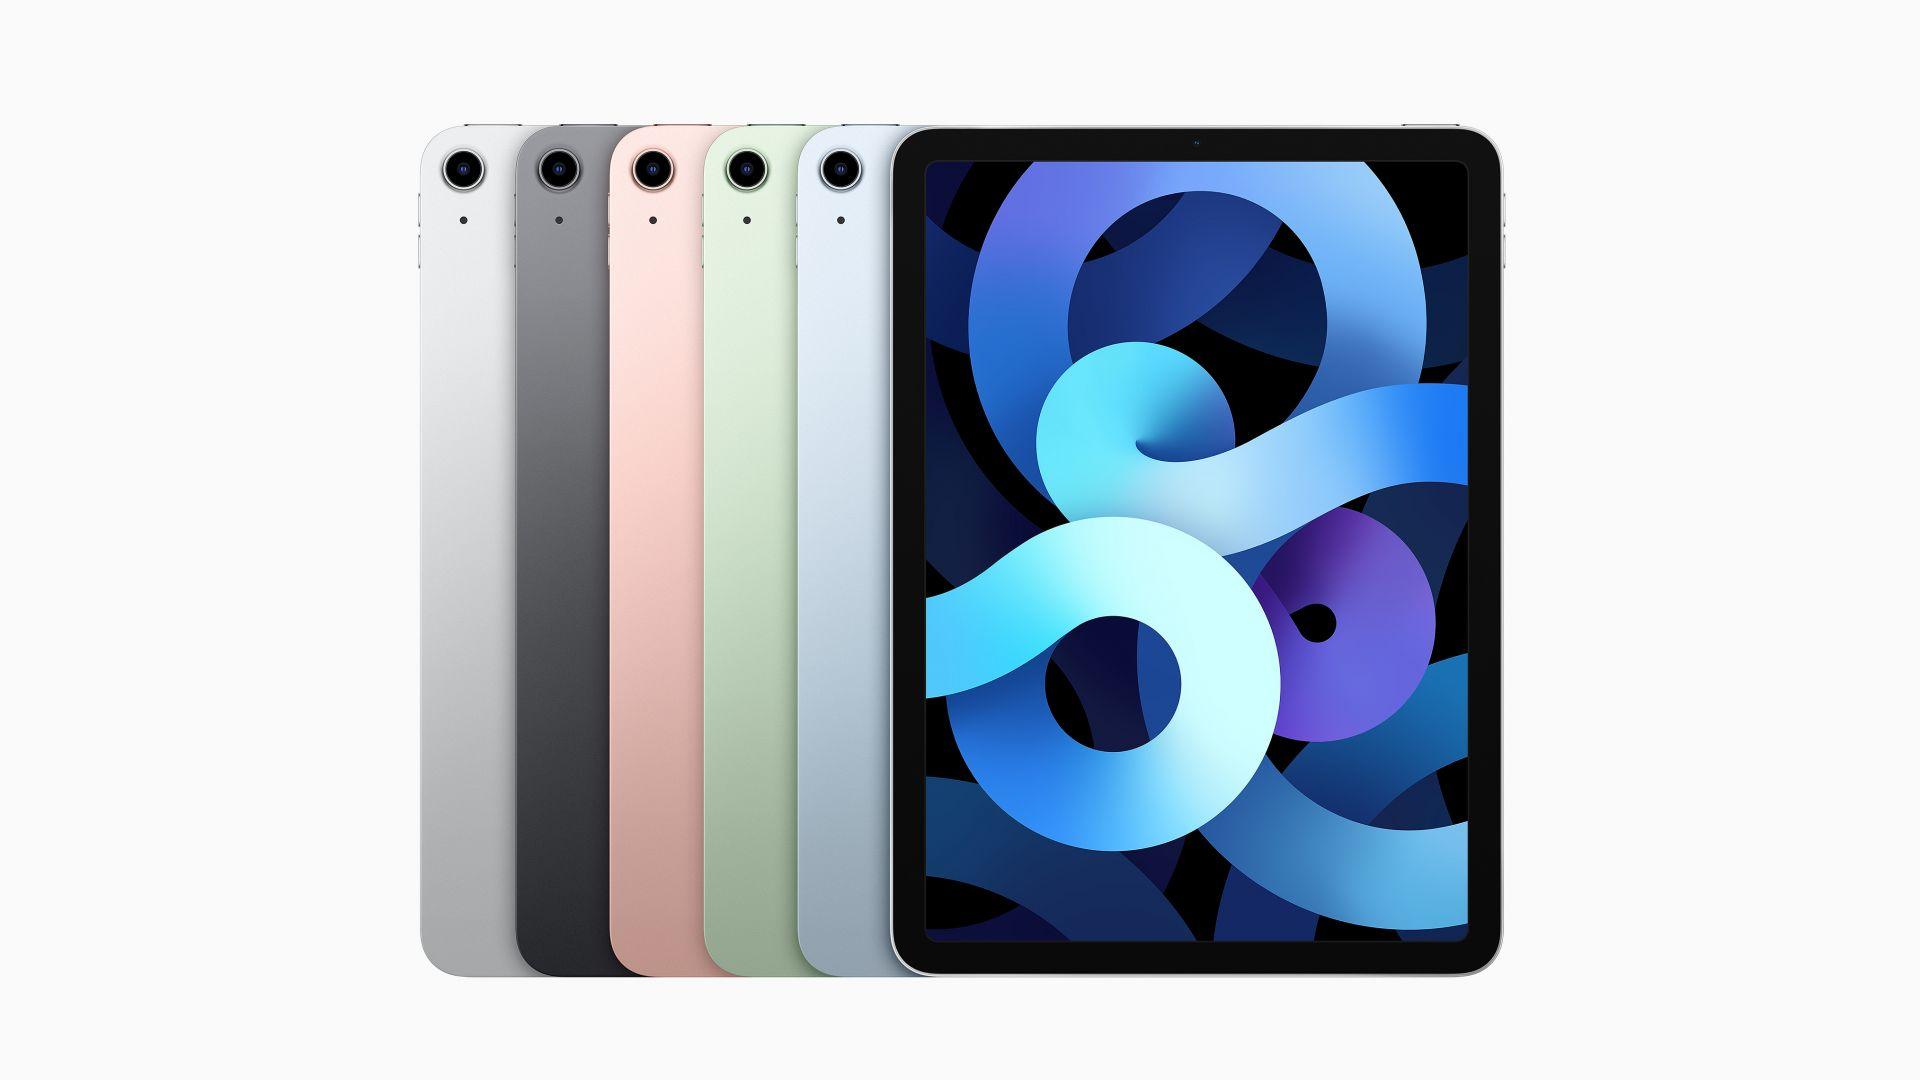 màn hình của iPad Air 4 2020